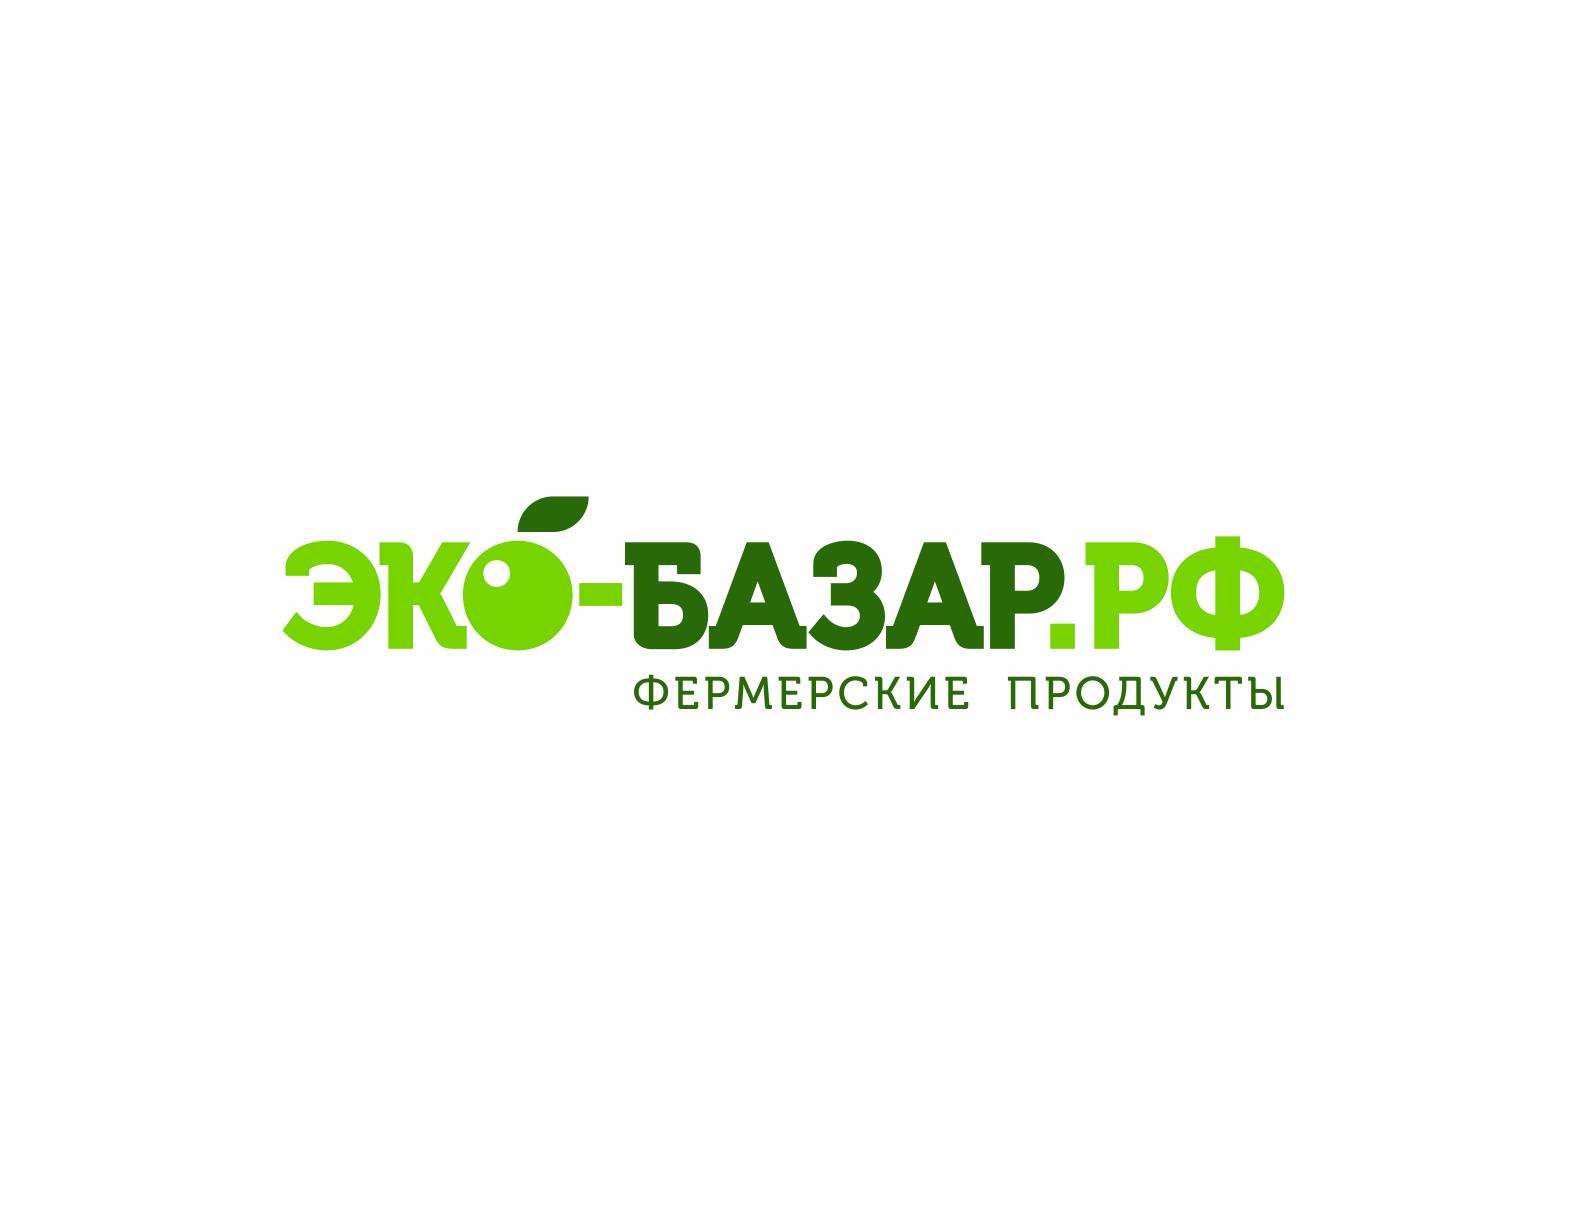 Логотип компании натуральных (фермерских) продуктов фото f_145593fd14371380.png